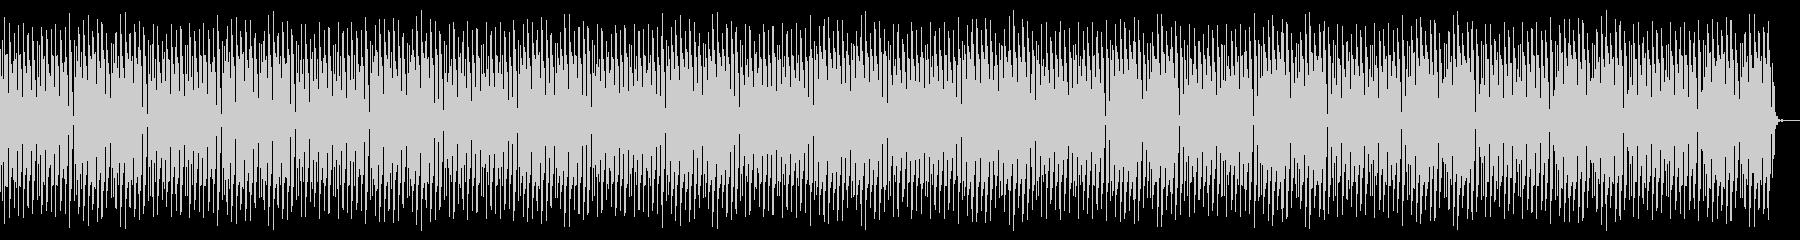 ミニマルライフ2_プログラミング・IT系の未再生の波形